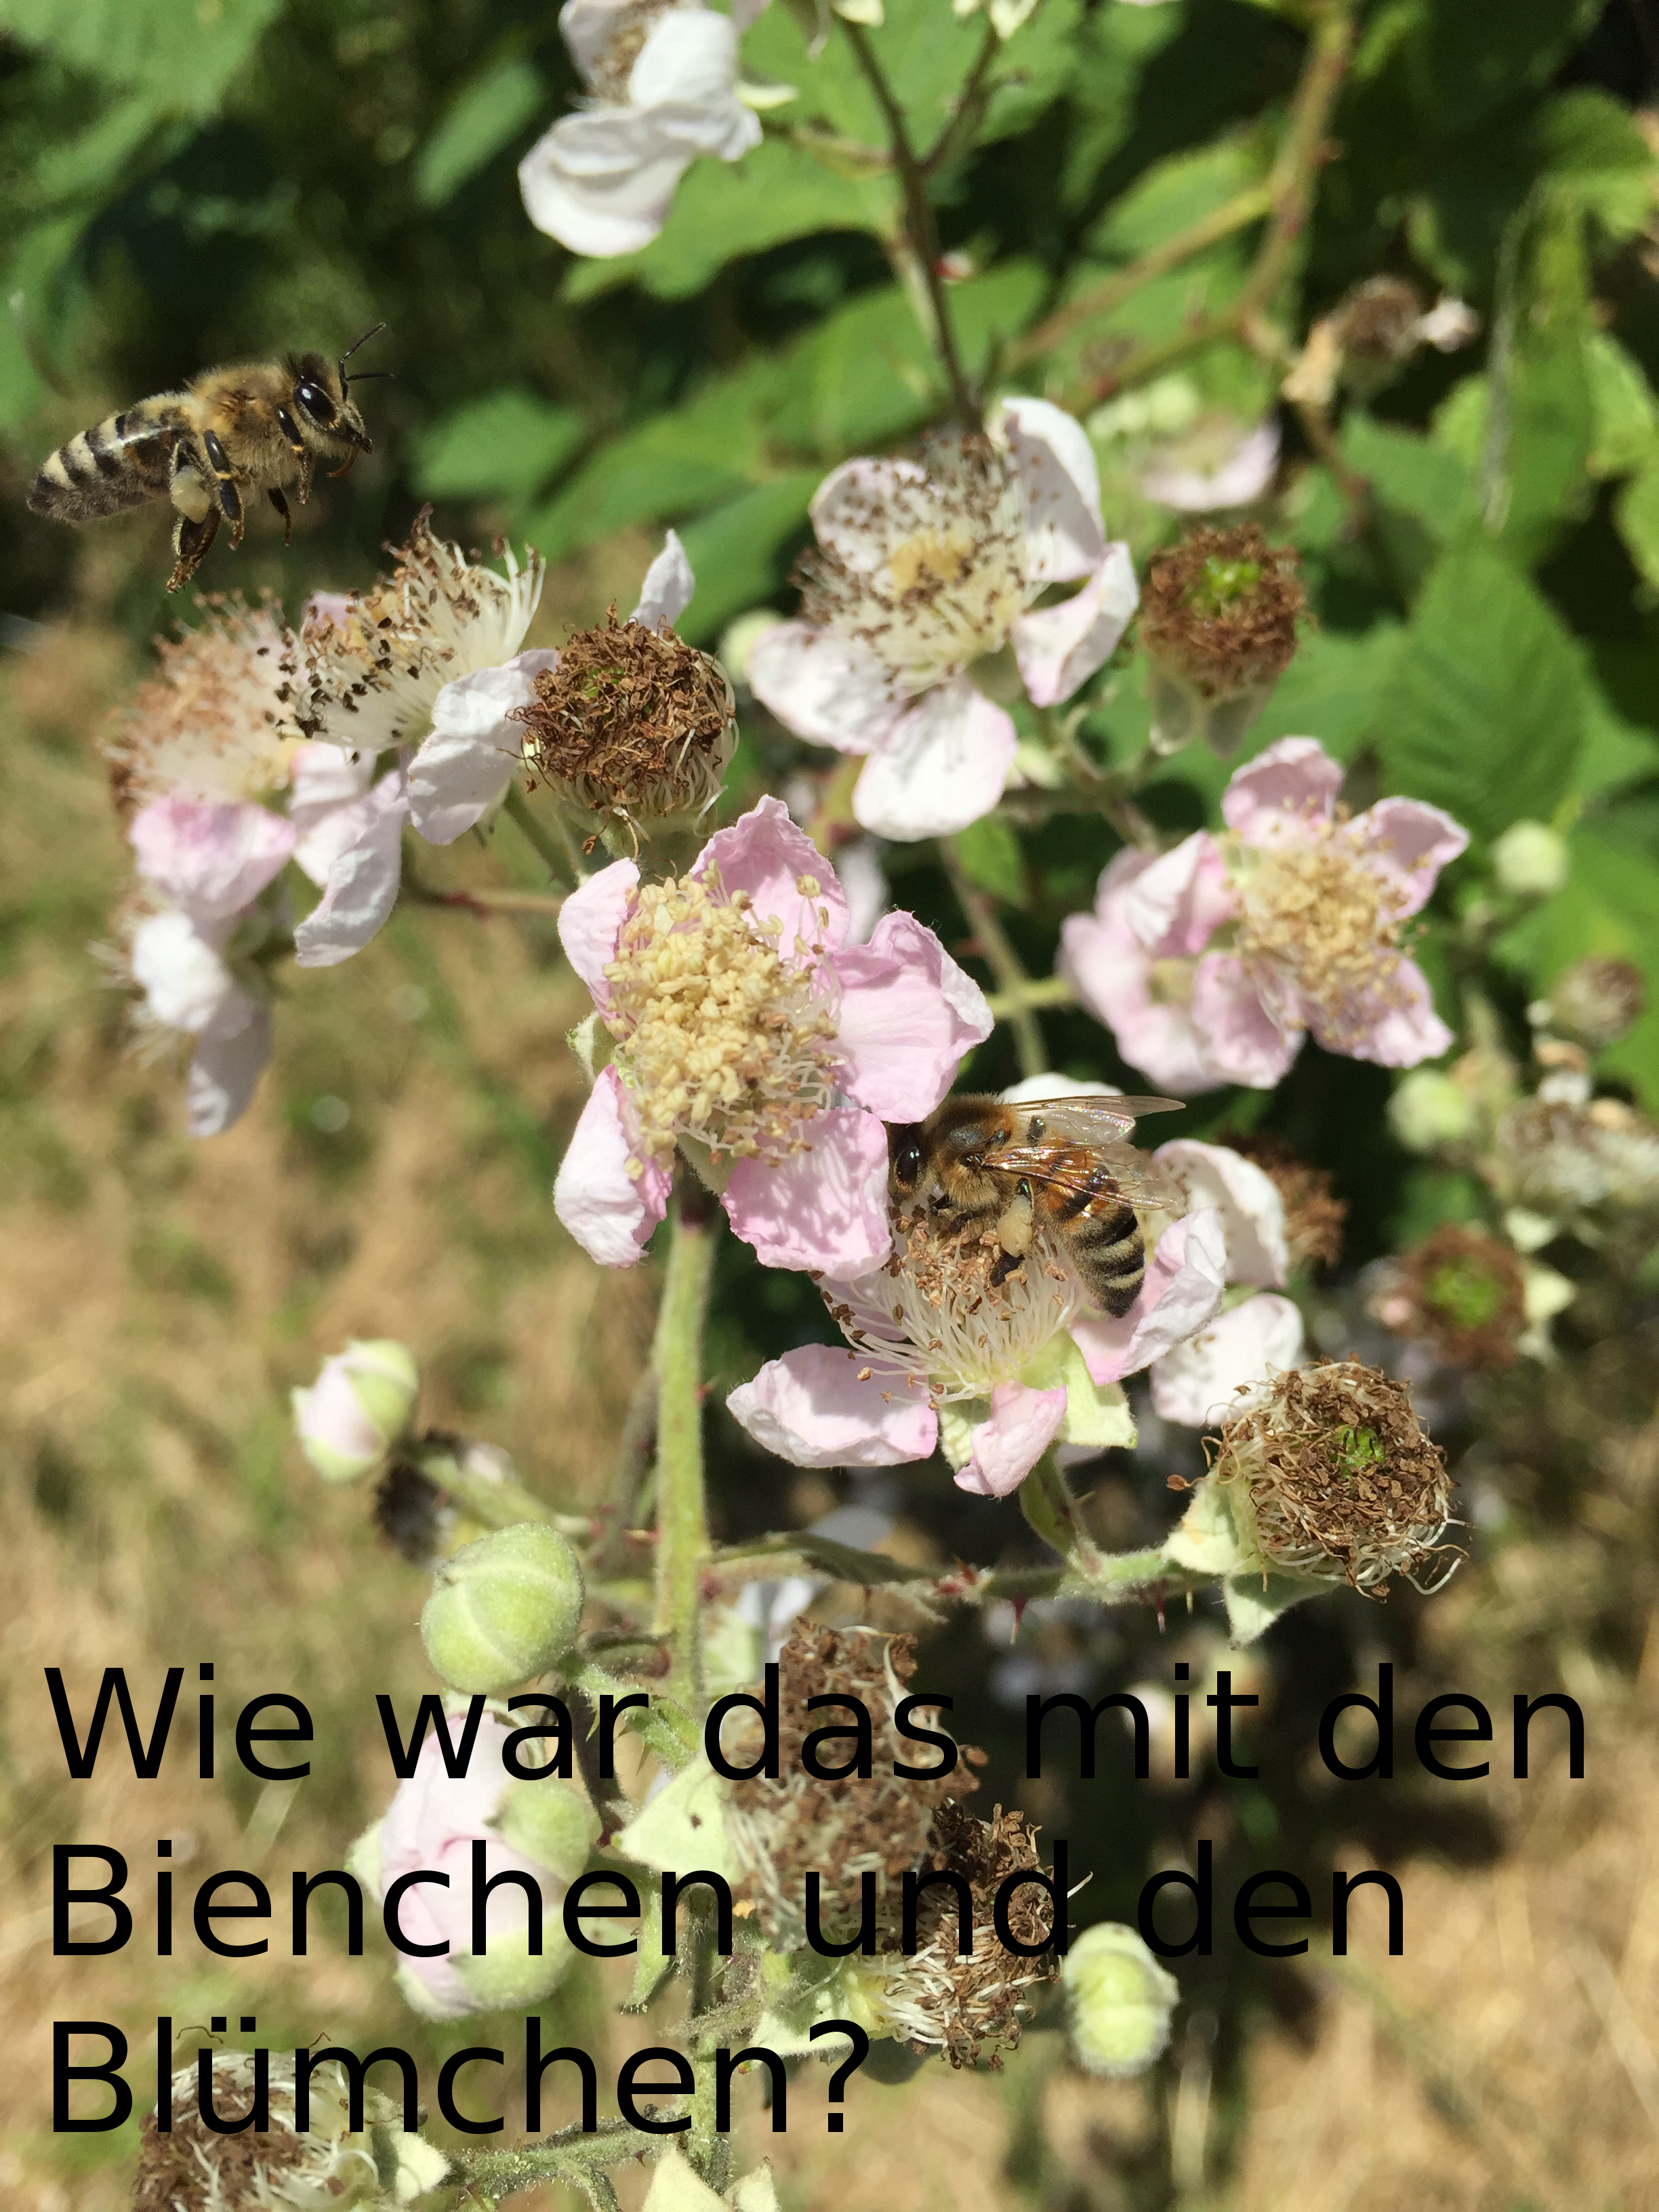 bienchen